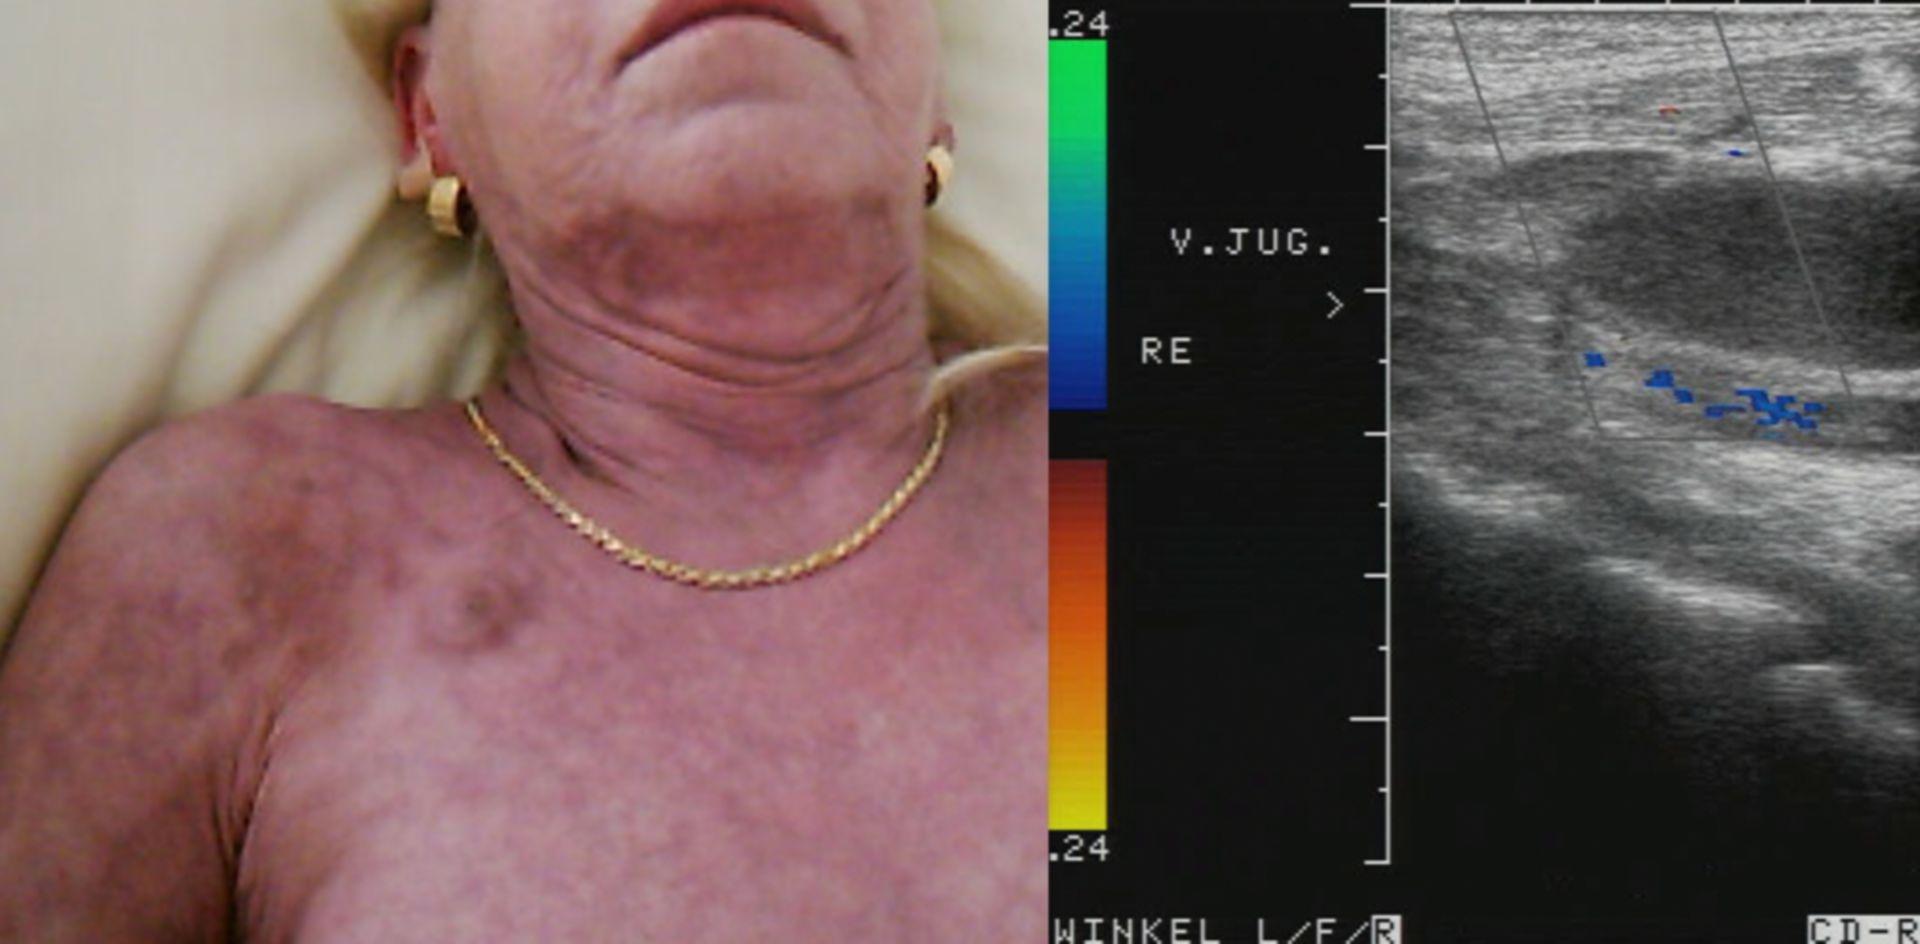 Thrombosis of right jugular vein